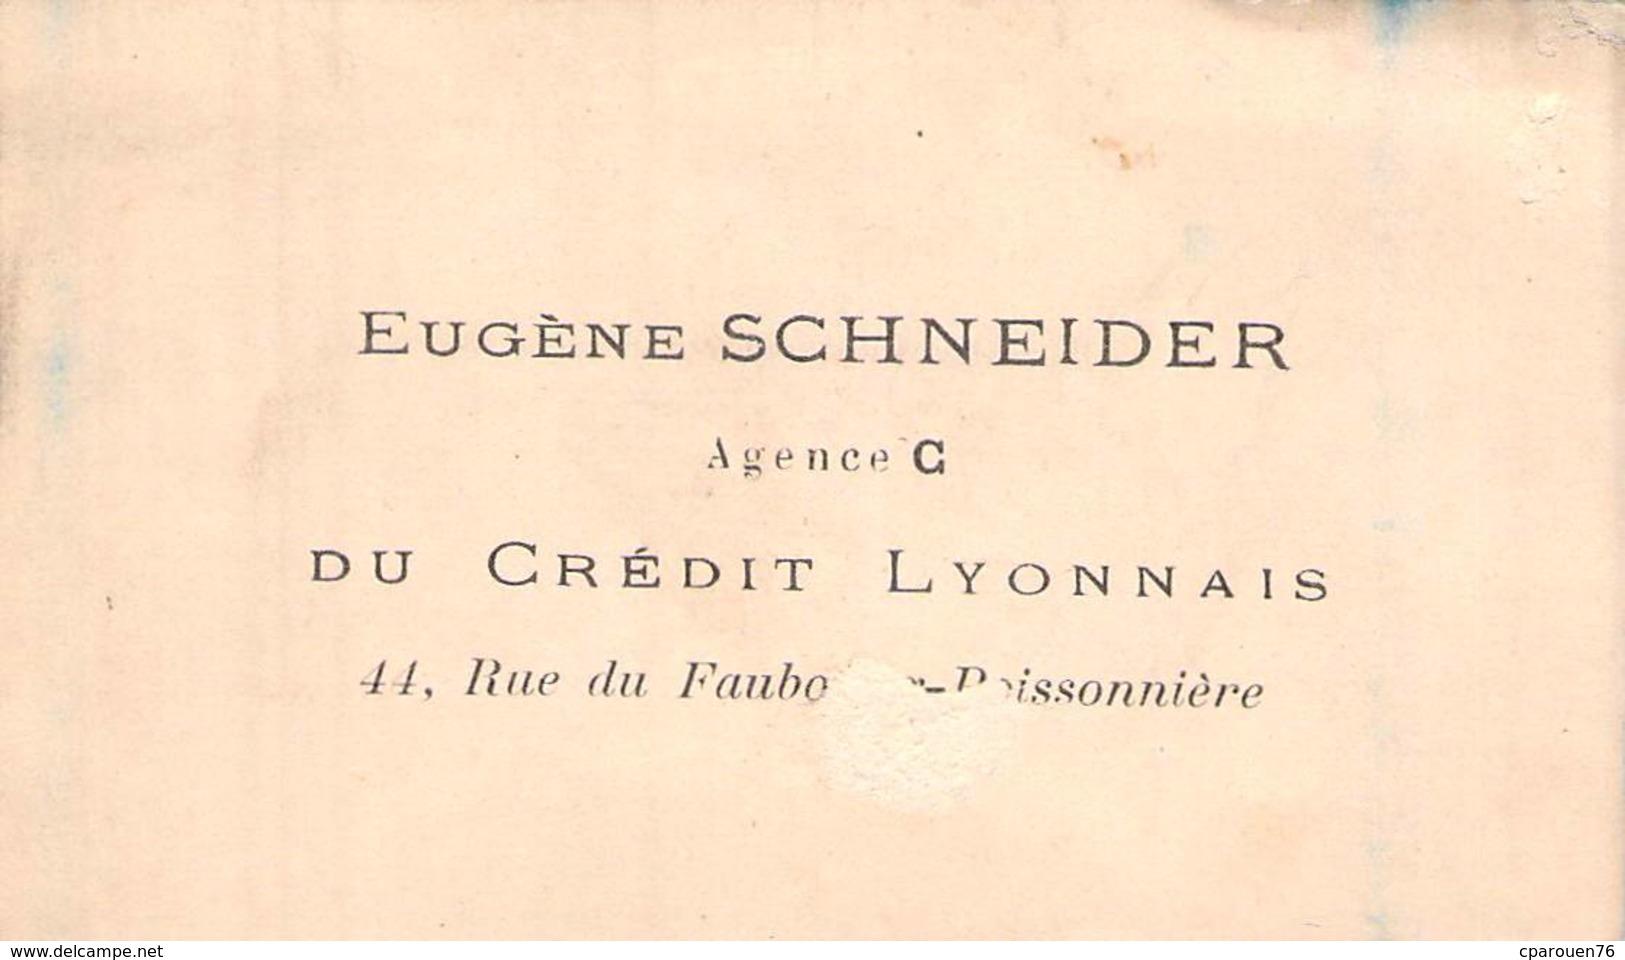 Carte De Visite DE EUGENE SCHNEIDER AGENCE DU CREDIT LYONNAIS 41 RUE DU FAUBOURG POISSONNIERE PARIS - Cartoncini Da Visita